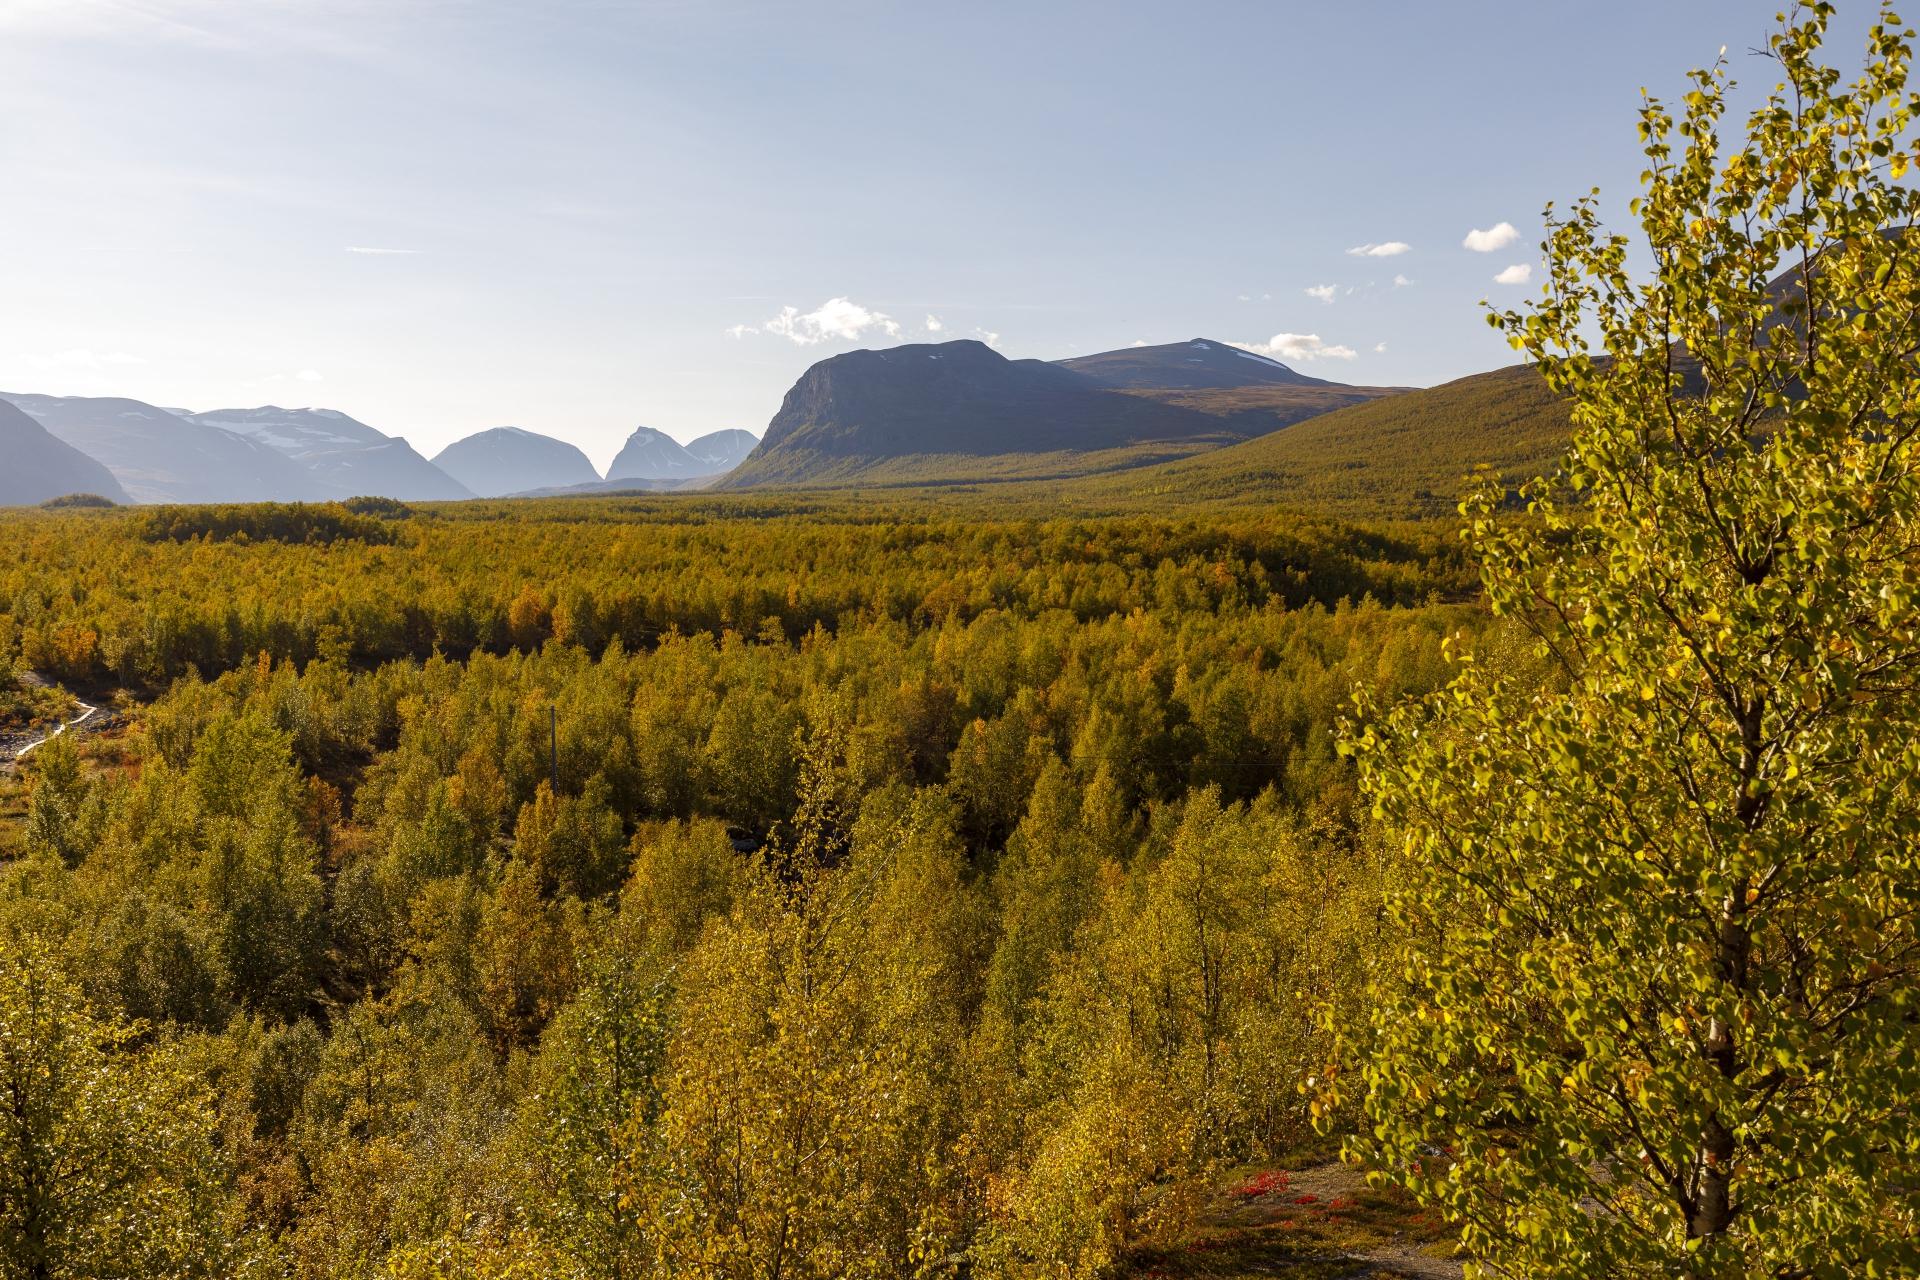 Blick nach Westen, der scharfe, V-förmige Einschnitt, da gehen wir übermorgen vorbei und linkerhand um den runden Berg Sinničohkka (1704m) herum